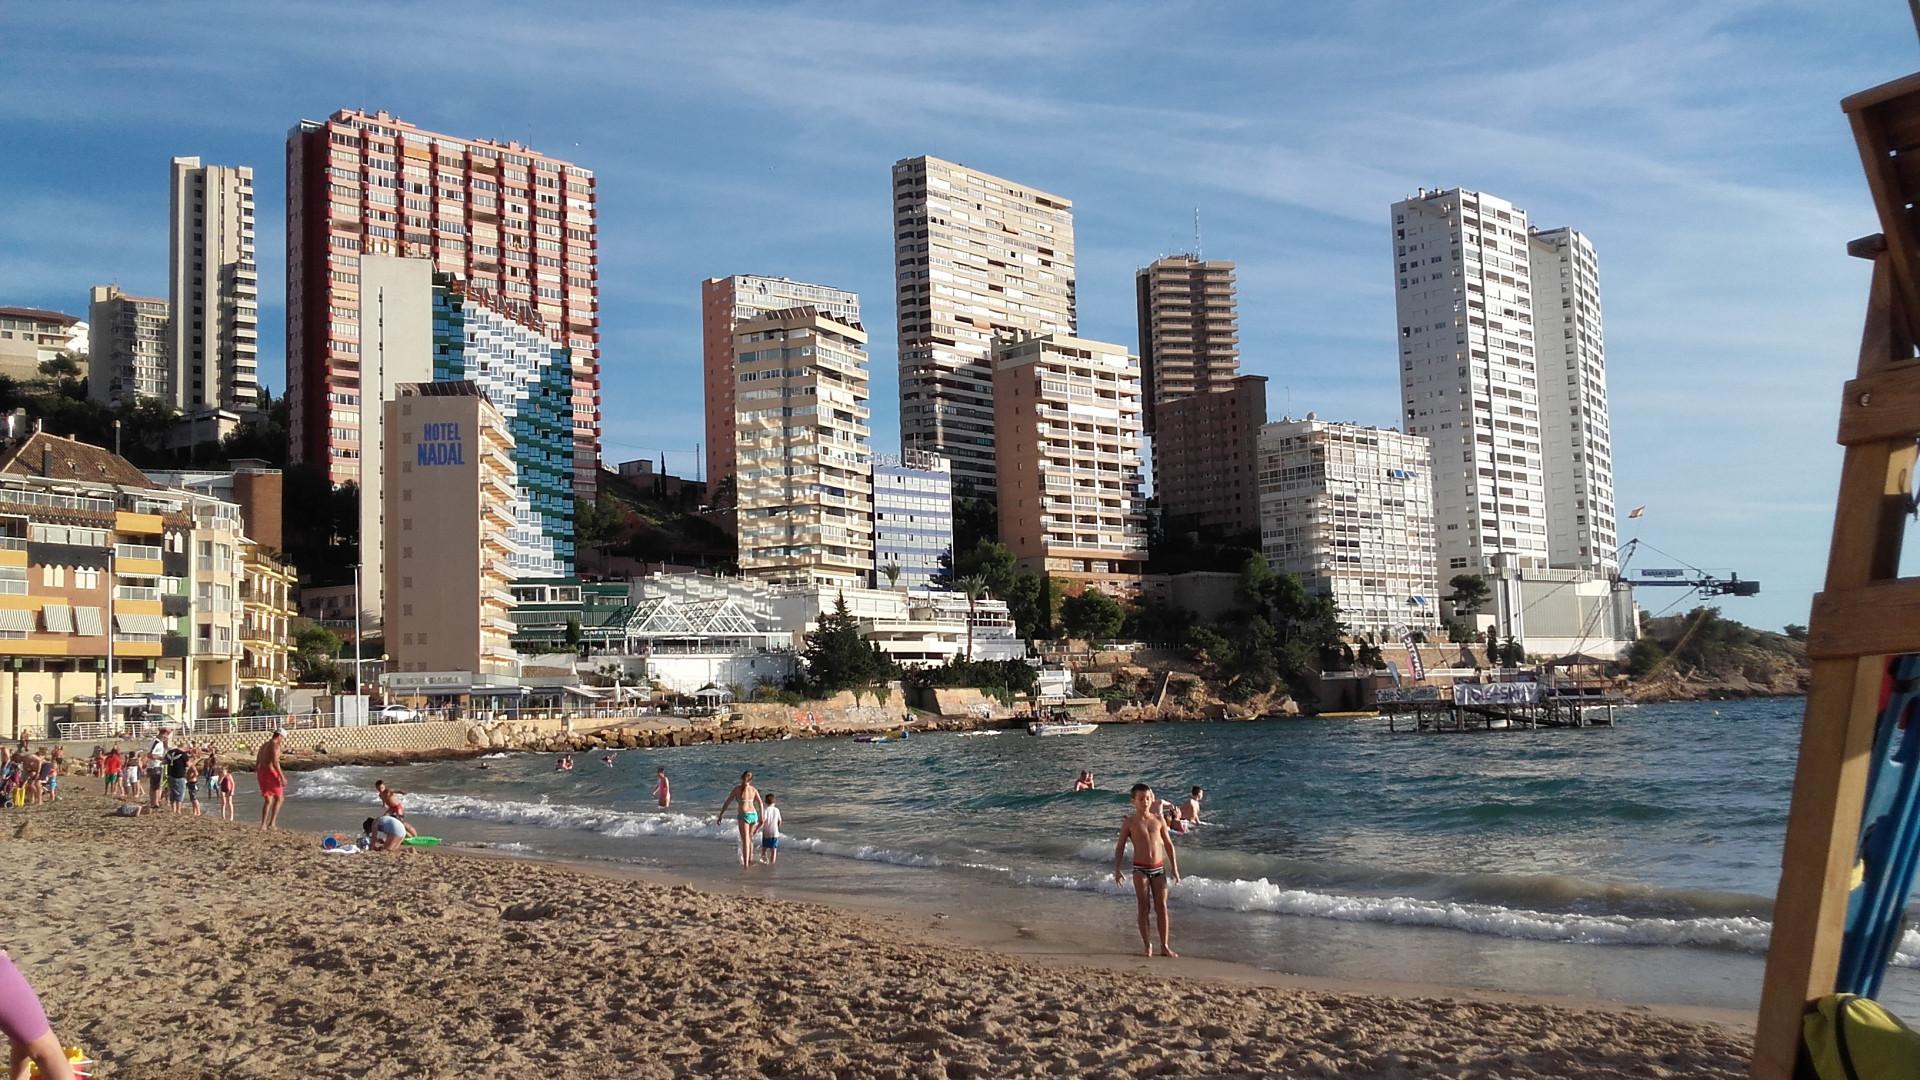 Les photos de Philippe le gagnant d'un séjour à Benidorm sur RTL2 Méditerranée